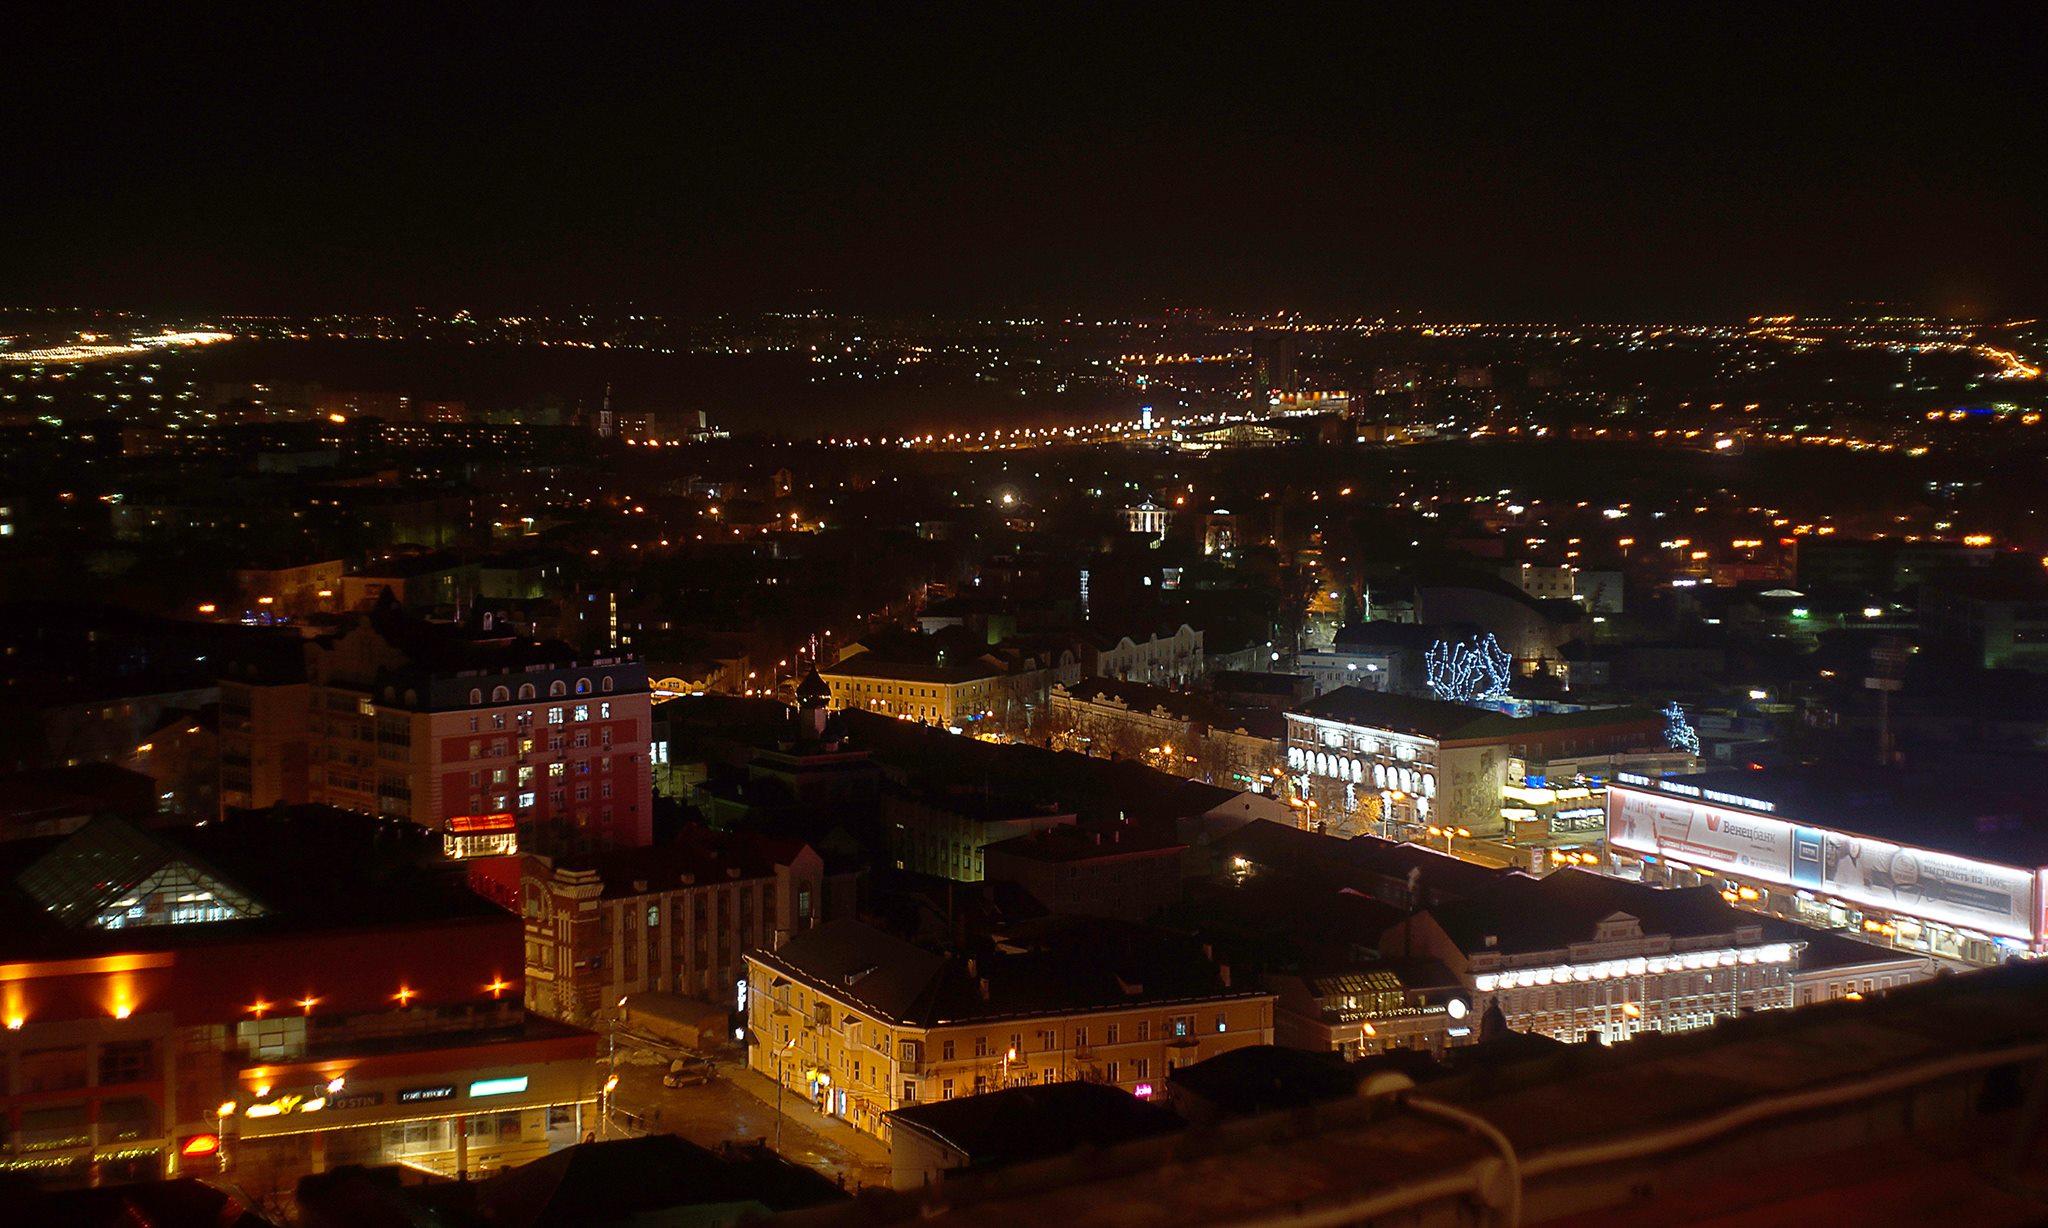 фото ночной ульяновск аккуратно